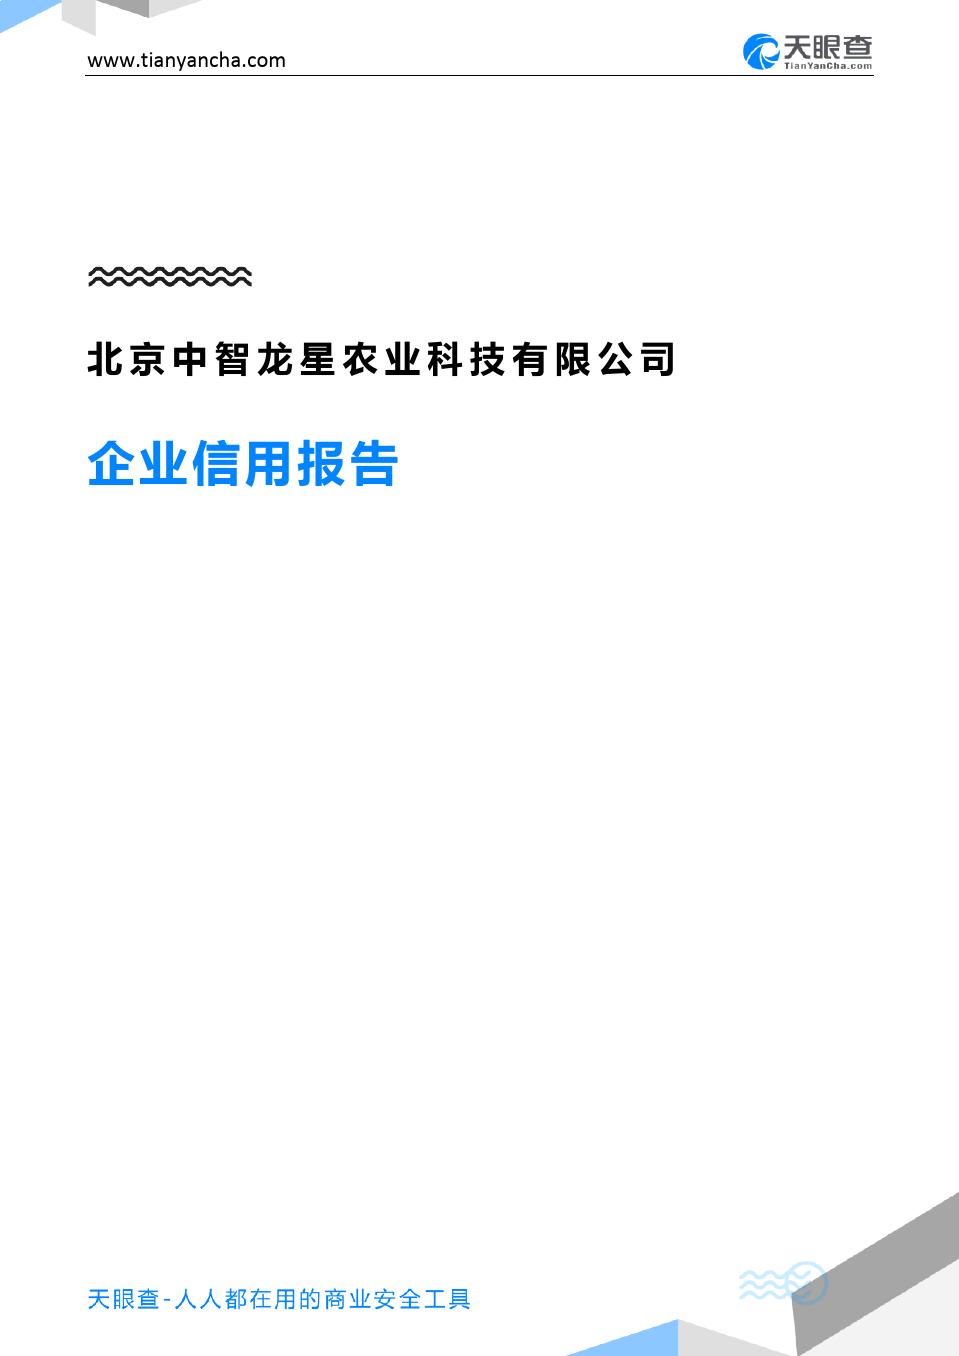 北京中智龙星农业科技有限公司(企业信用报告)- 天眼查